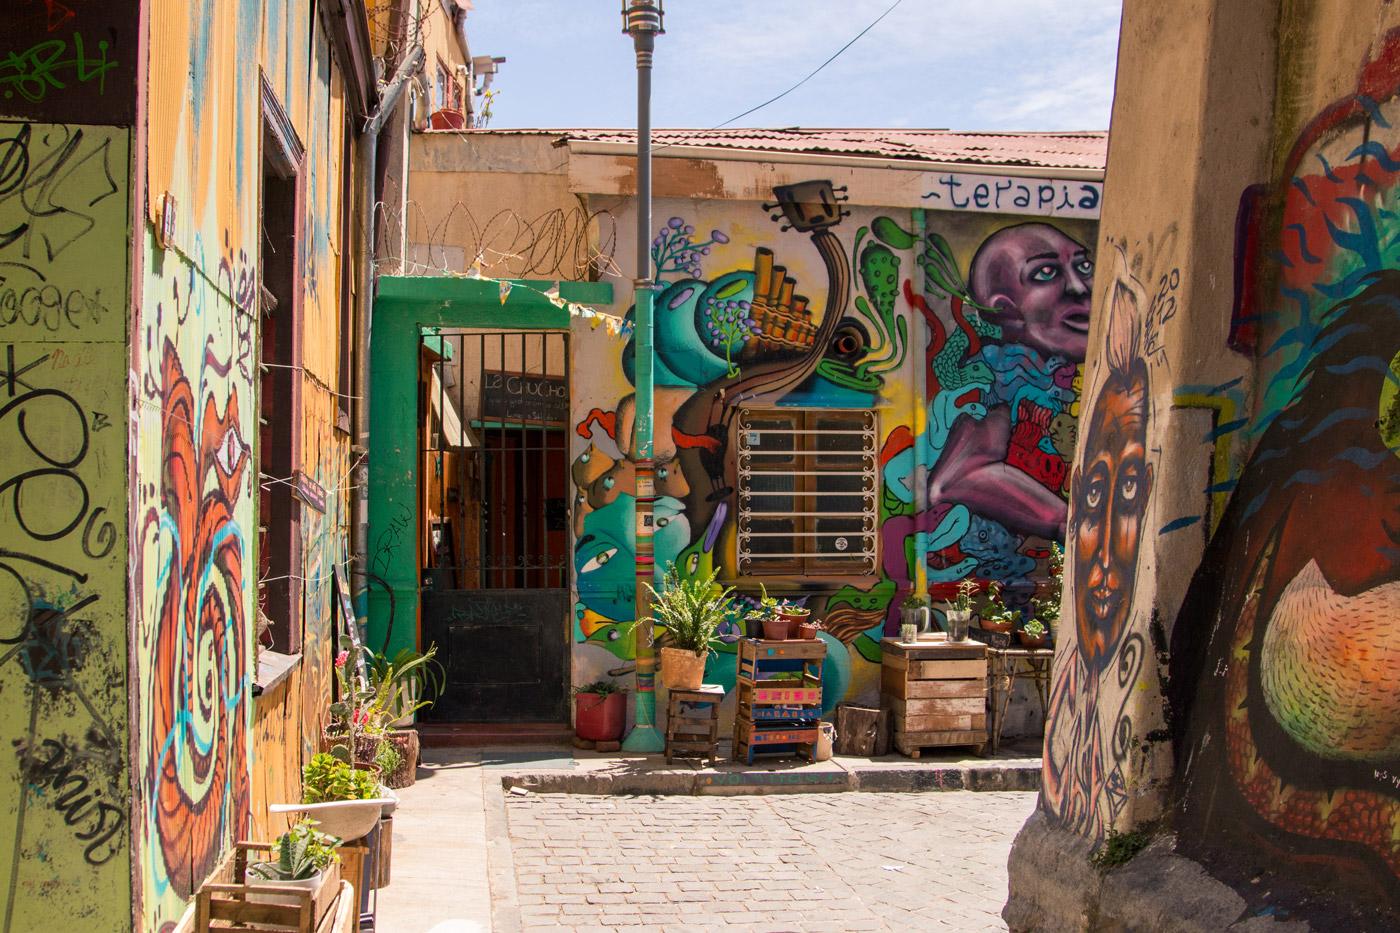 Colourful laneways of Valparaíso